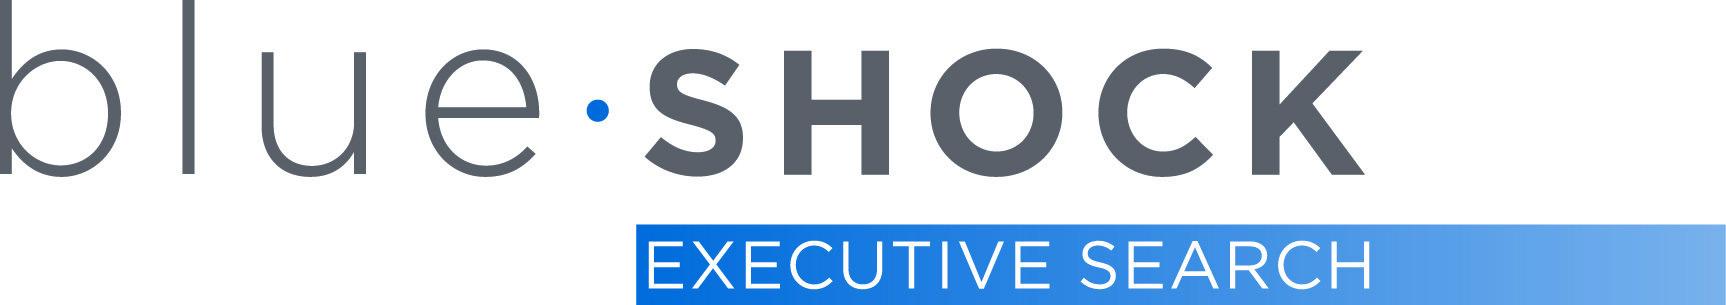 BlueShock_Logo_lrg.jpg